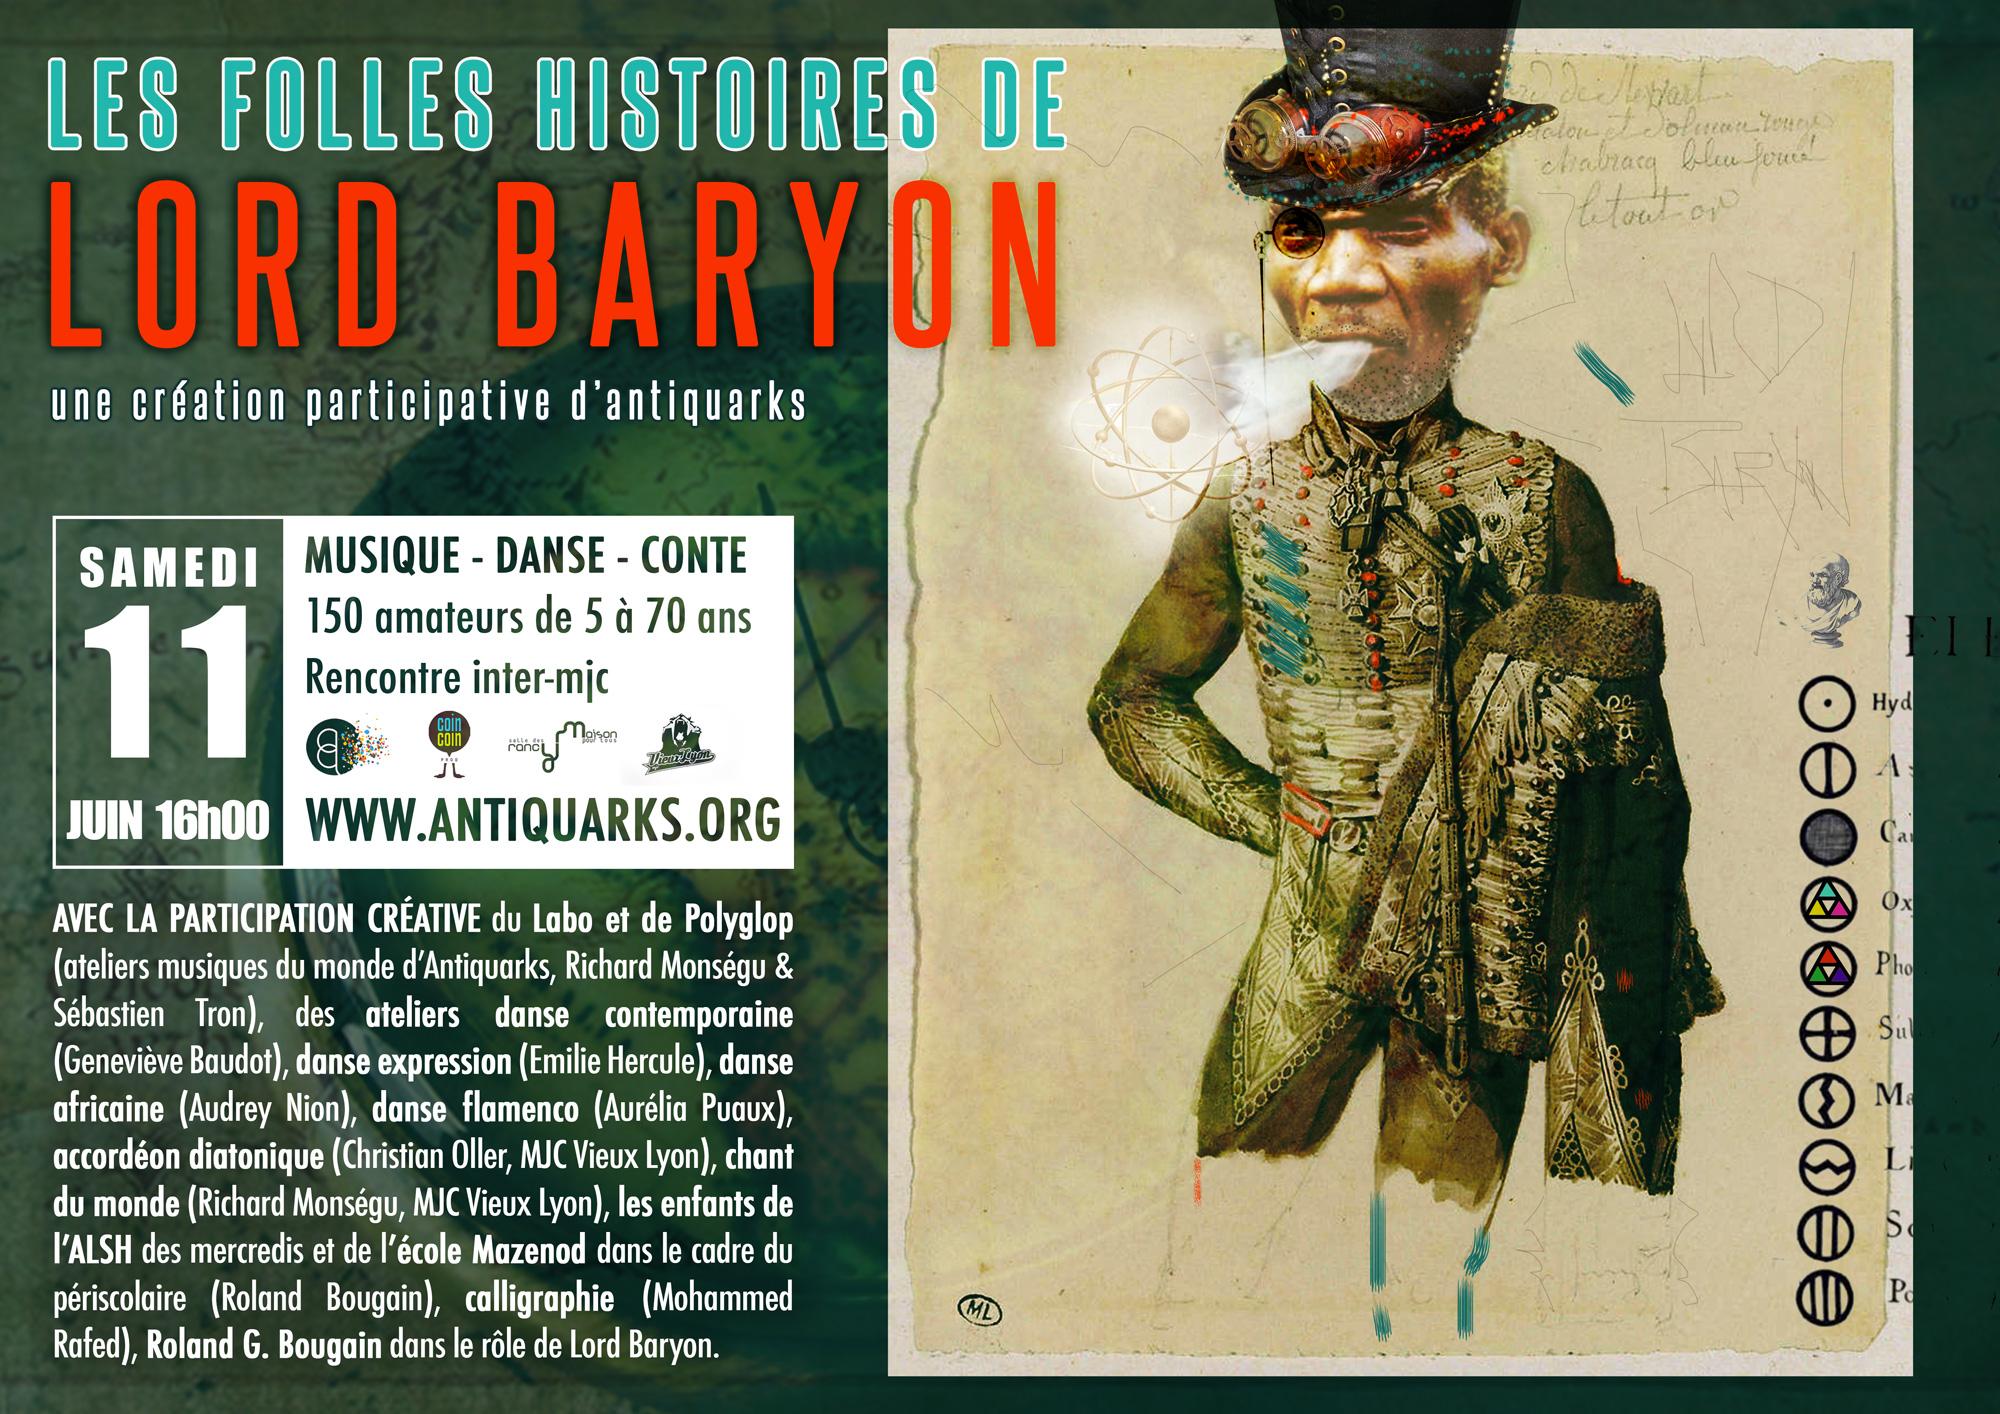 Les folles histoires de Lord Baryon / une création participative d'Antiquarks (musique, danse, conte) @ Maison Pour Tous - Salle des Rancy | Lyon | Rhône-Alpes | France